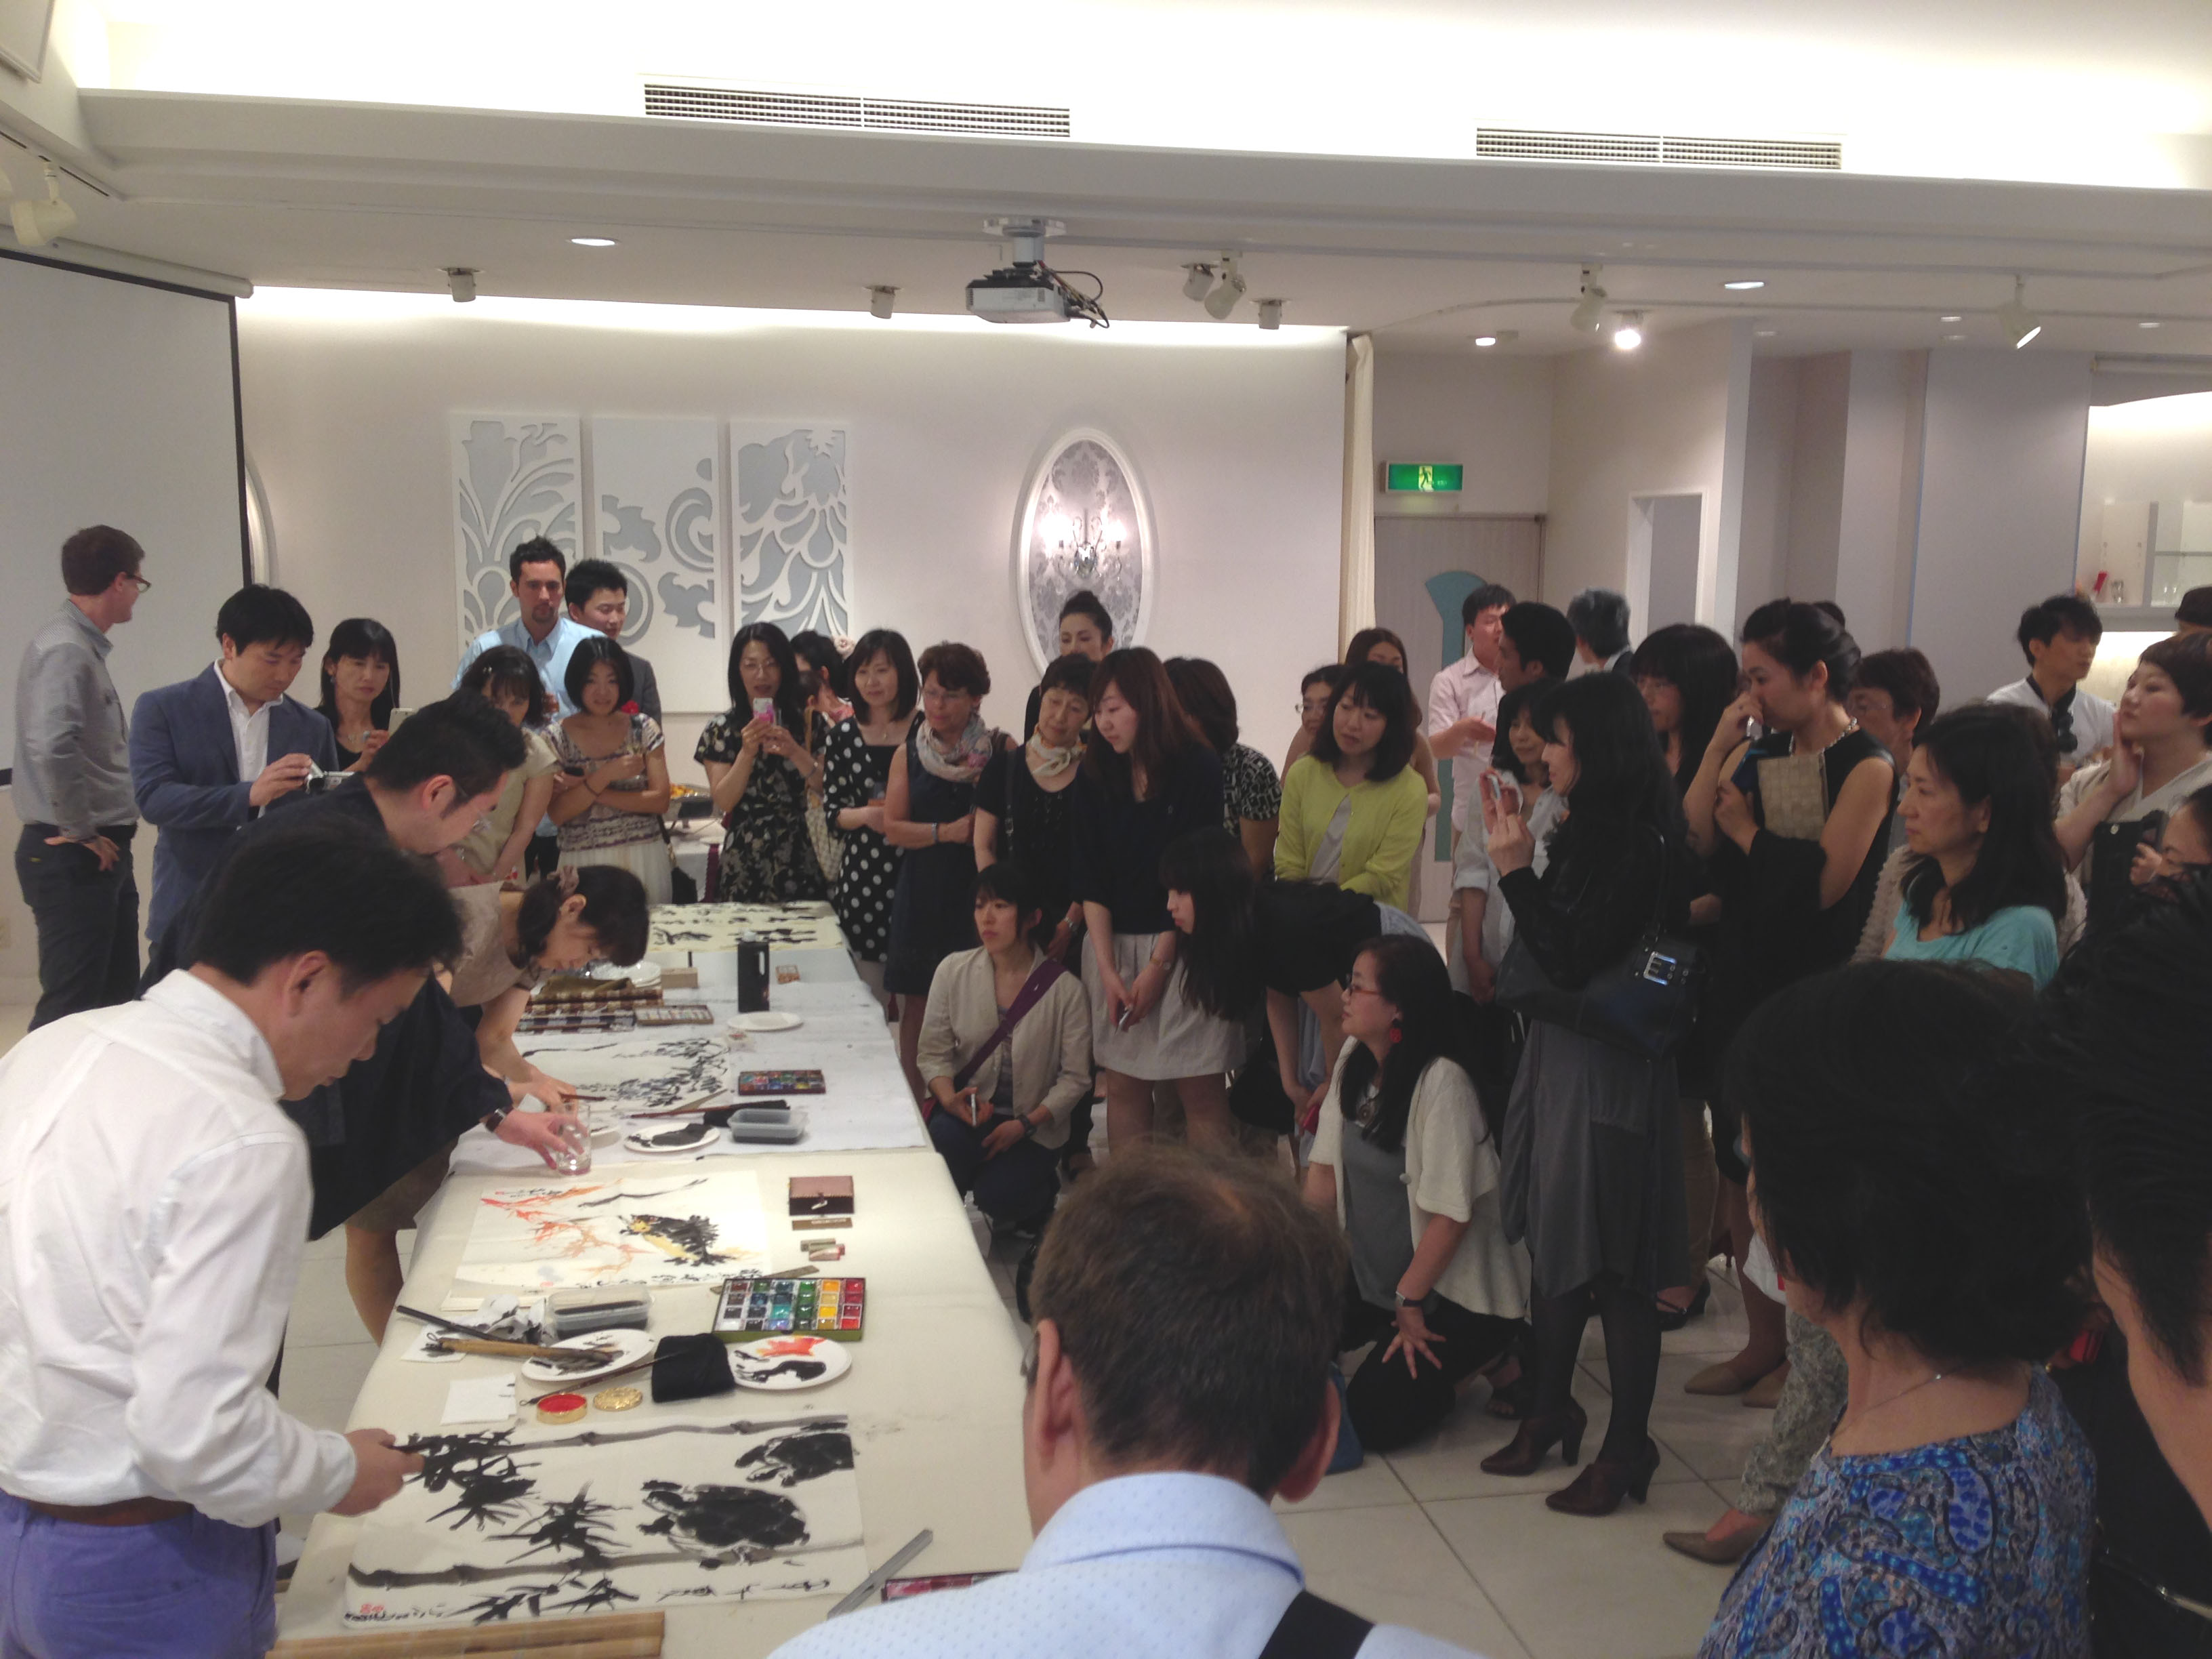 洛陽中国書法水墨画院展 2014 祝賀会 揮毫会 水墨画 実演